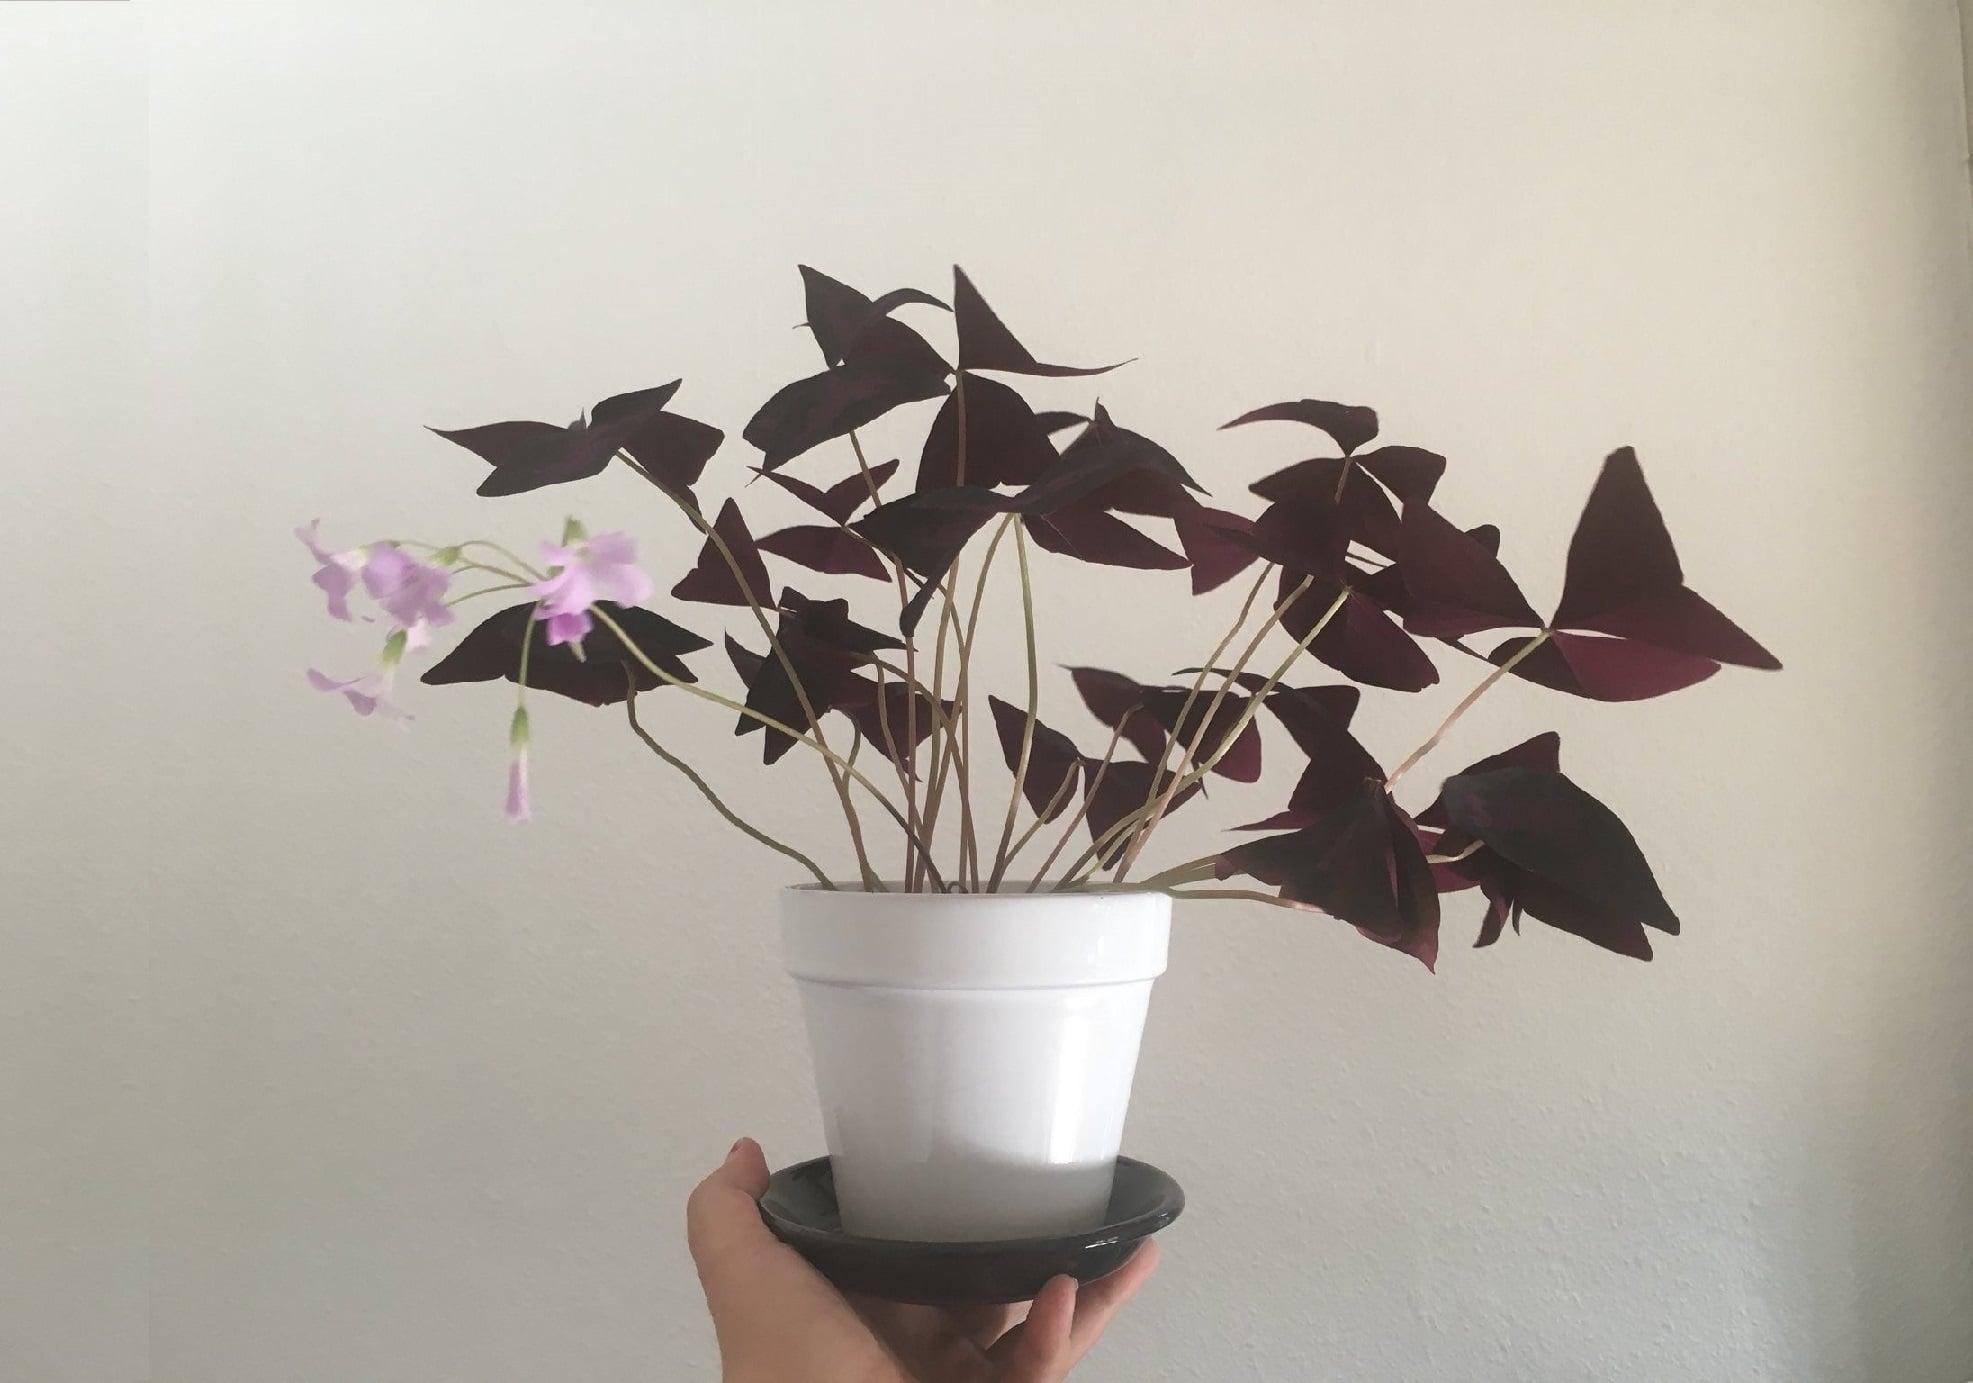 گل اگزالیس ، گلی با رنگ و بوی پاییزی برای طراحی داخلی منزل